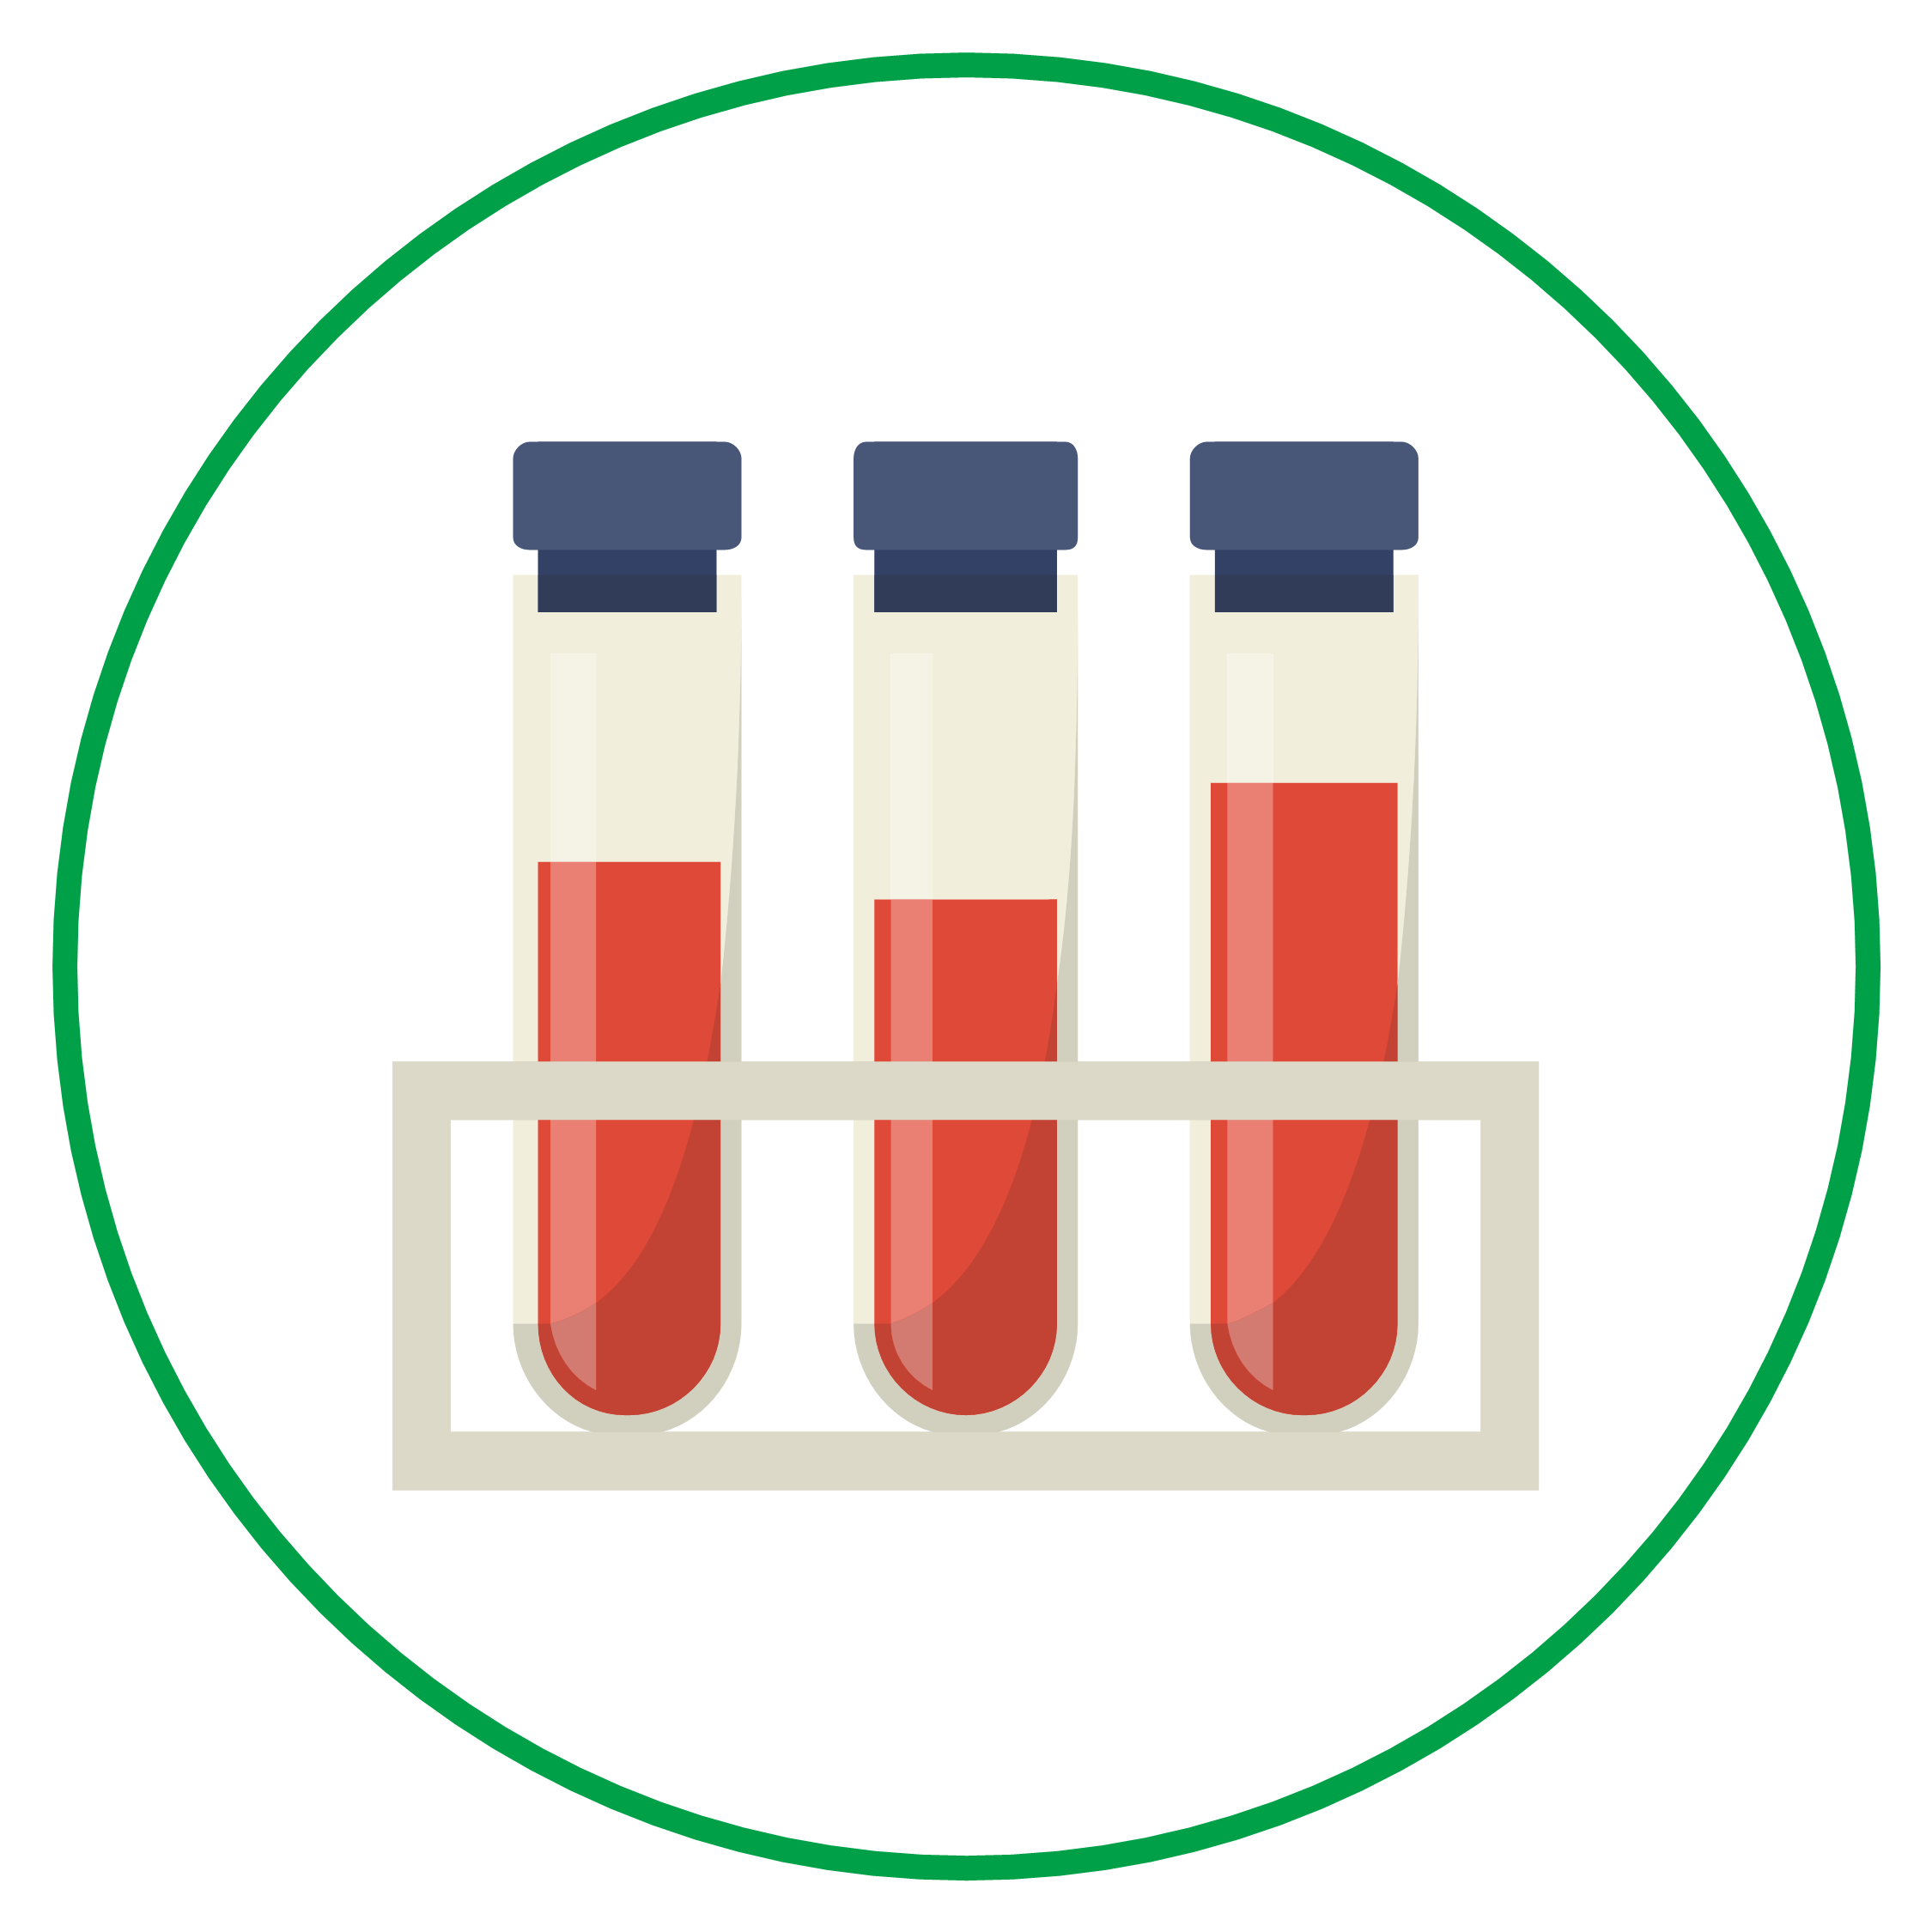 Phần mềm quản lý trung tâm xét nghiệm của Nanosoft có đúng như lời đồn?